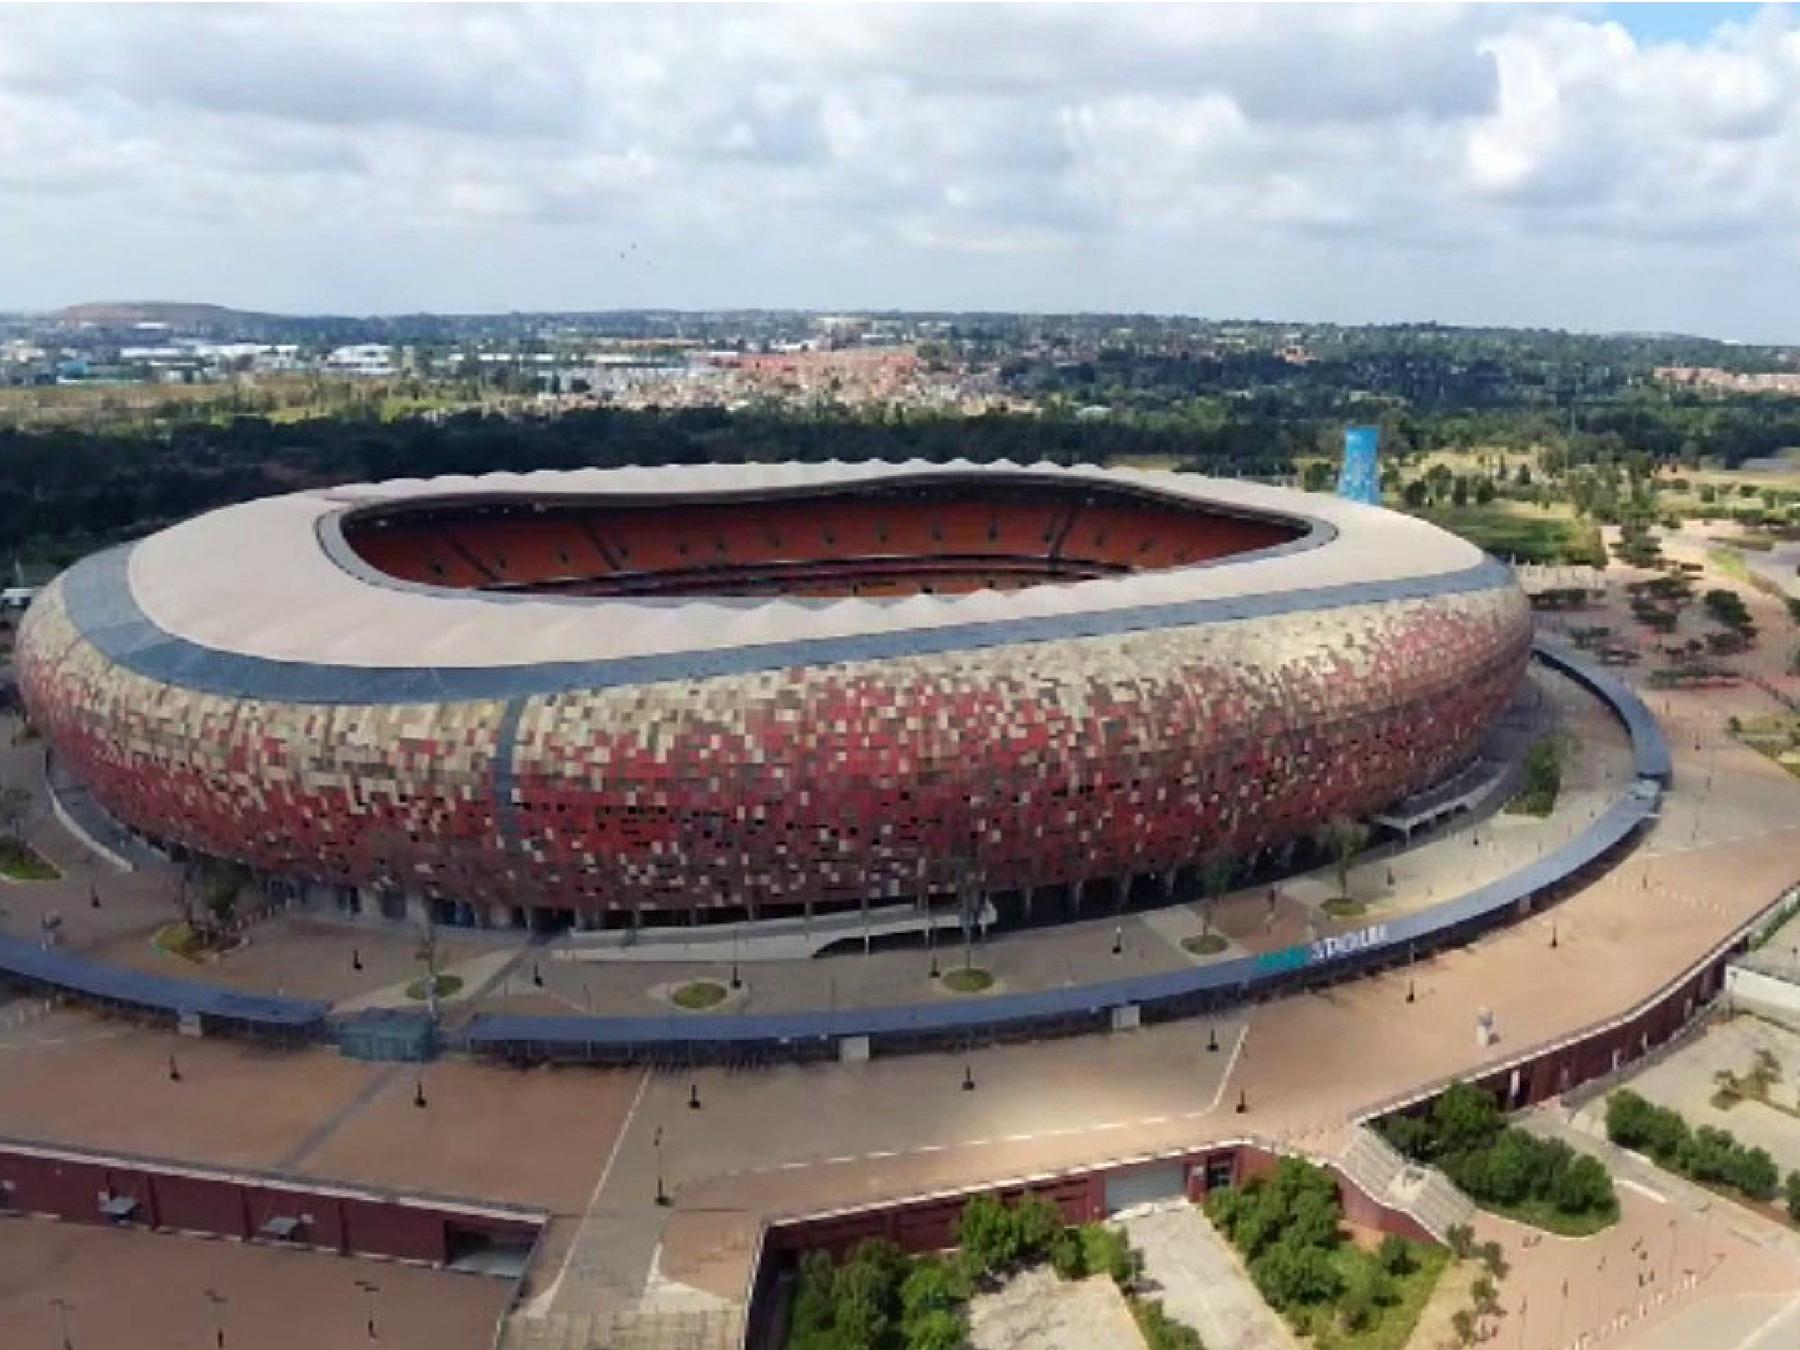 estádios-mais-legais-do-mundo-Calendário-da-copa-africa-do-sul Os 20 estádios mais legais do mundo Calendário Copa 2018